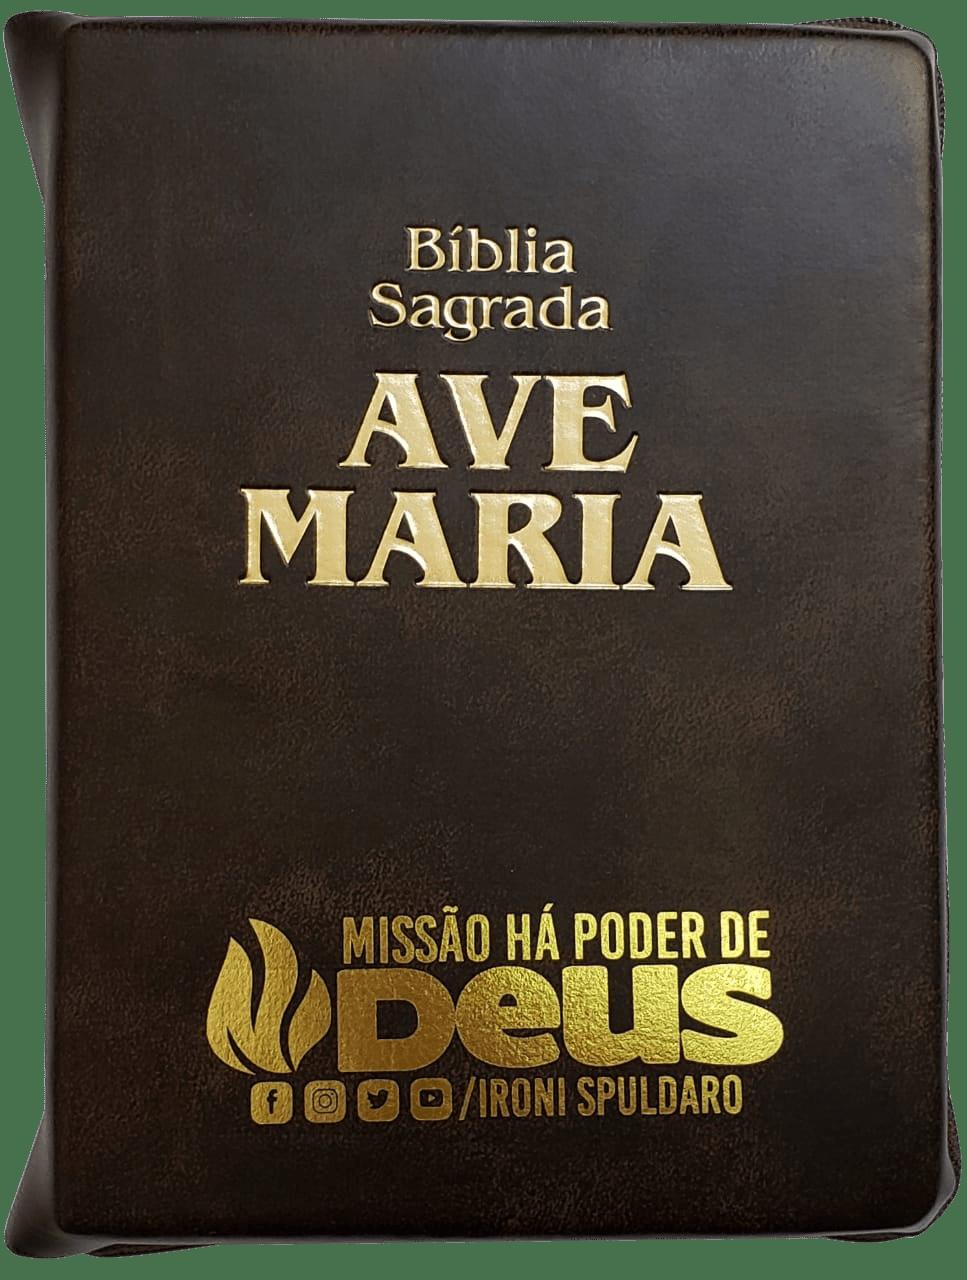 BÍBLIA AVE MARIA - MISSÃO HÁ PODER DE DEUS - IRONI SPULDARO